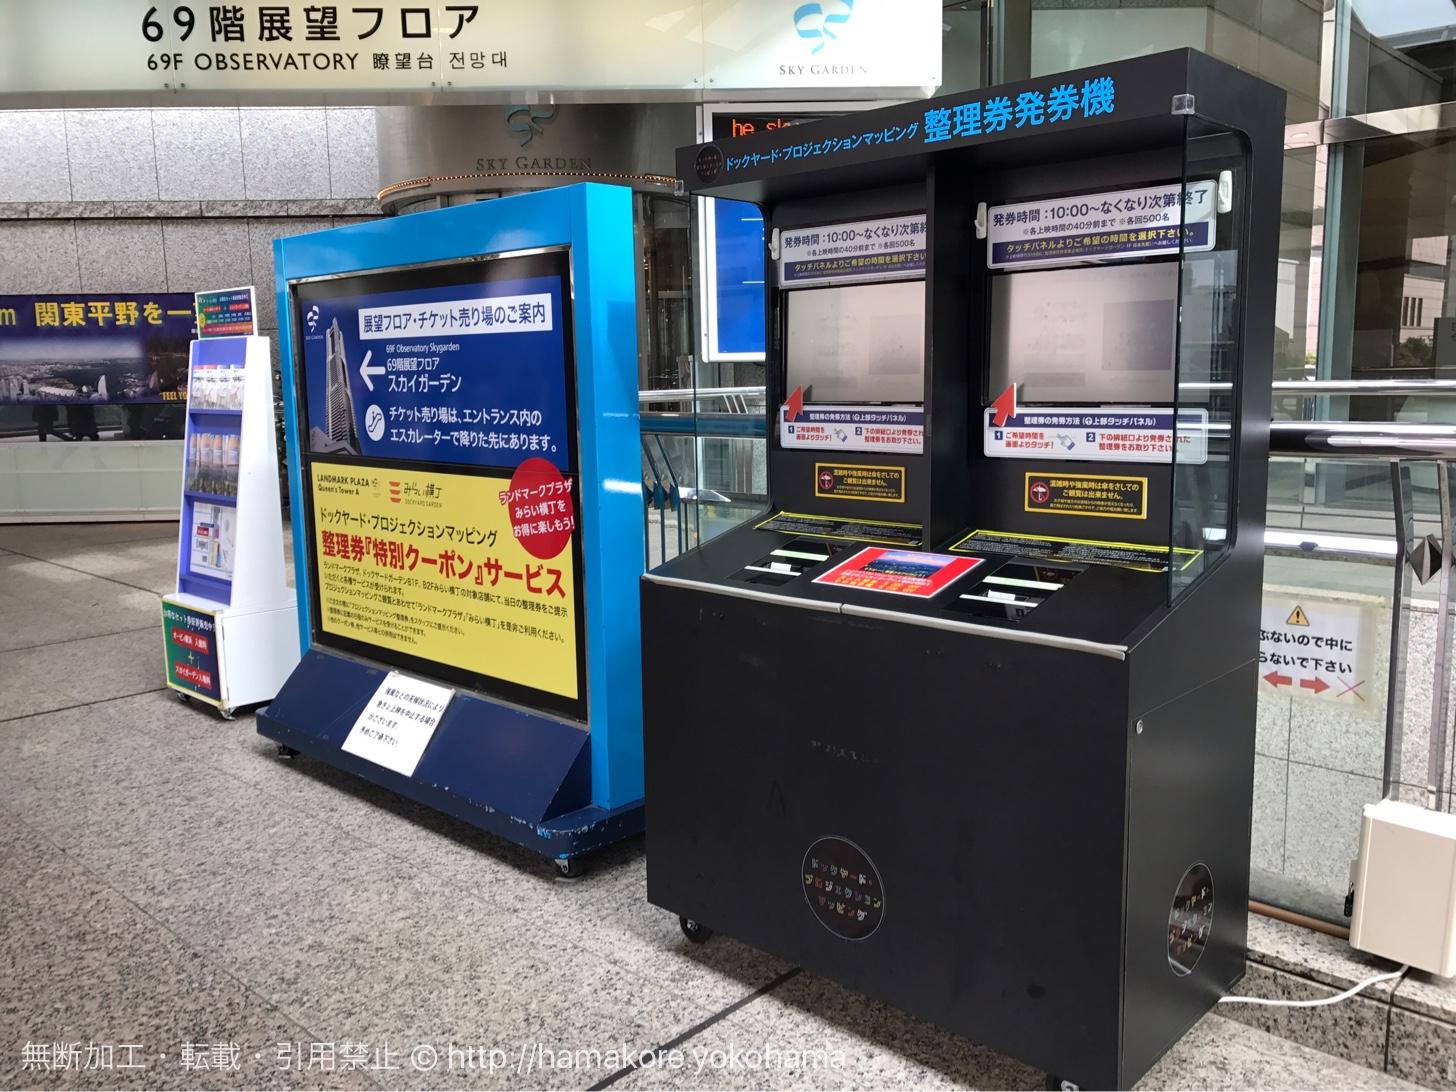 横浜 ドックヤードのプロジェクションマッピングのチケット・整理券の発券場所と発券方法